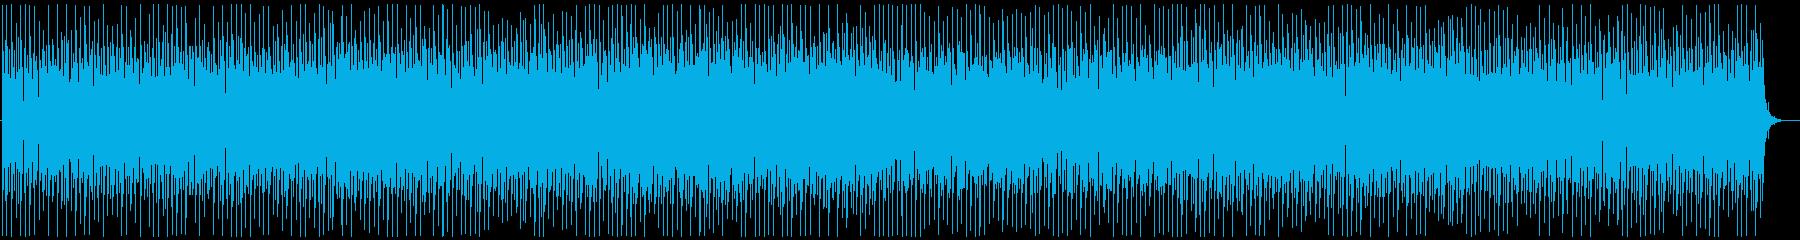 医療・科学・データ系 無機質・シリアスの再生済みの波形